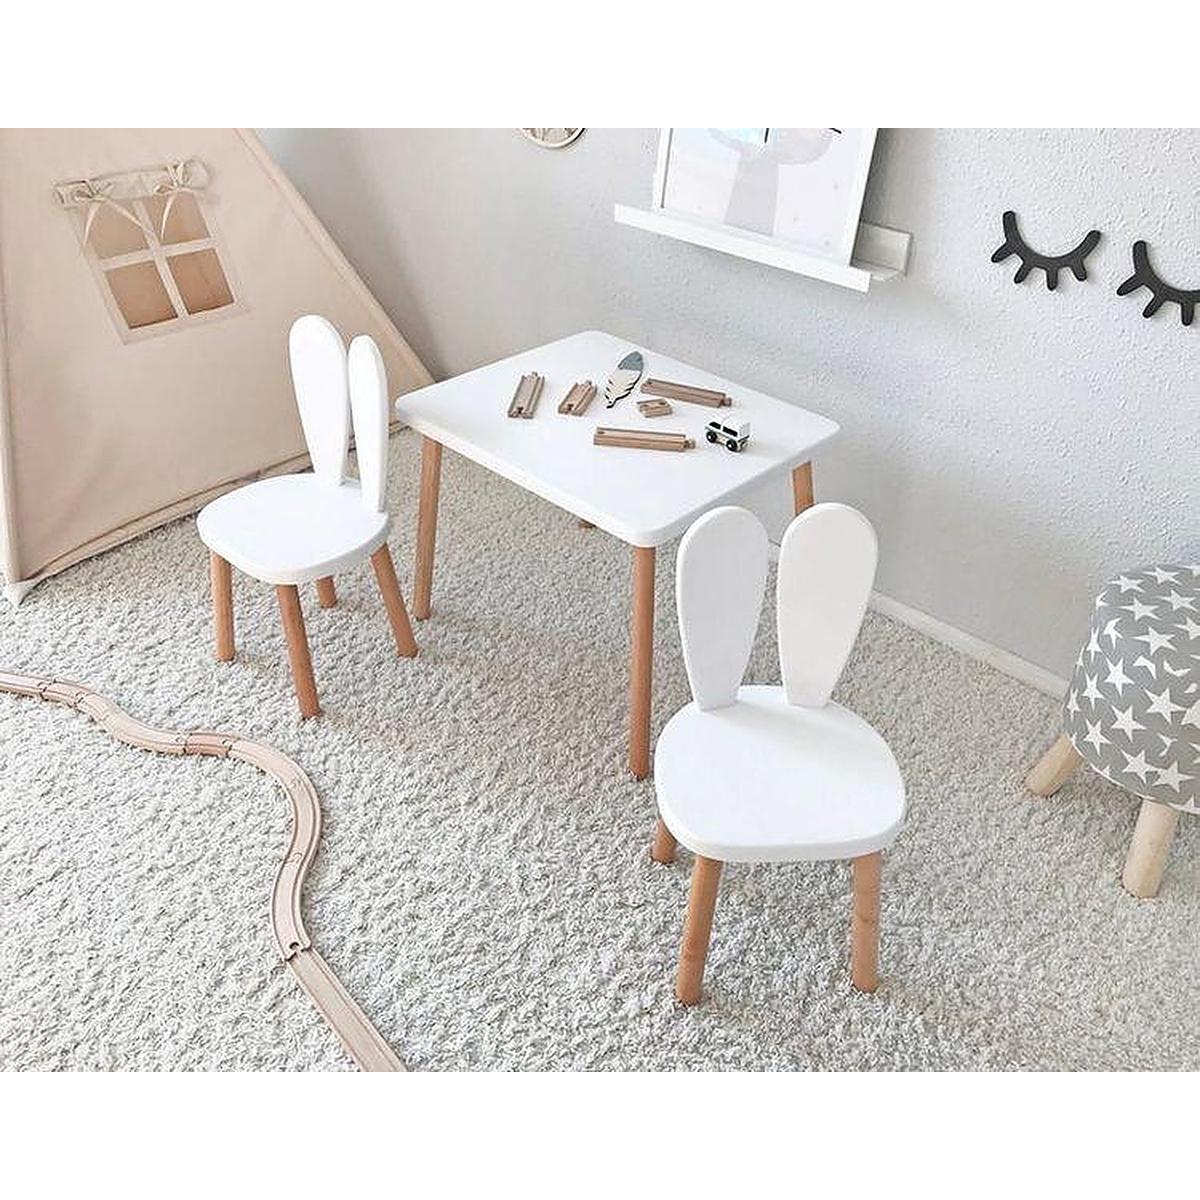 Masuta pentru copii Home Concept, Alb